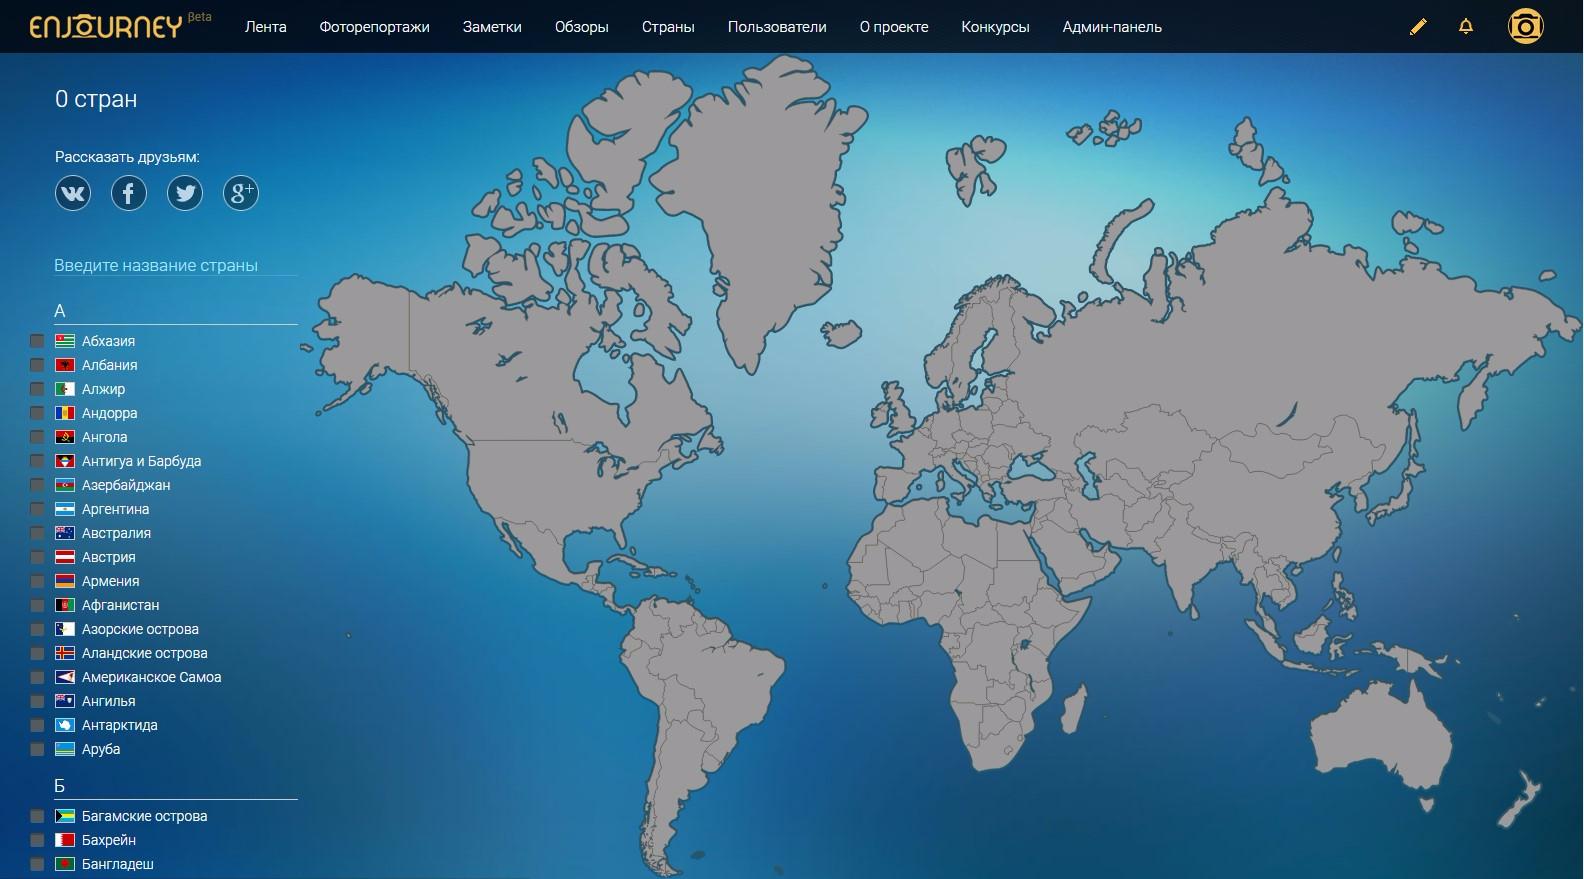 Конструктор карты стал удобнее. А так же теперь вы можете поделиться ей в таких социальных сетях, как Google+ и Twitter.